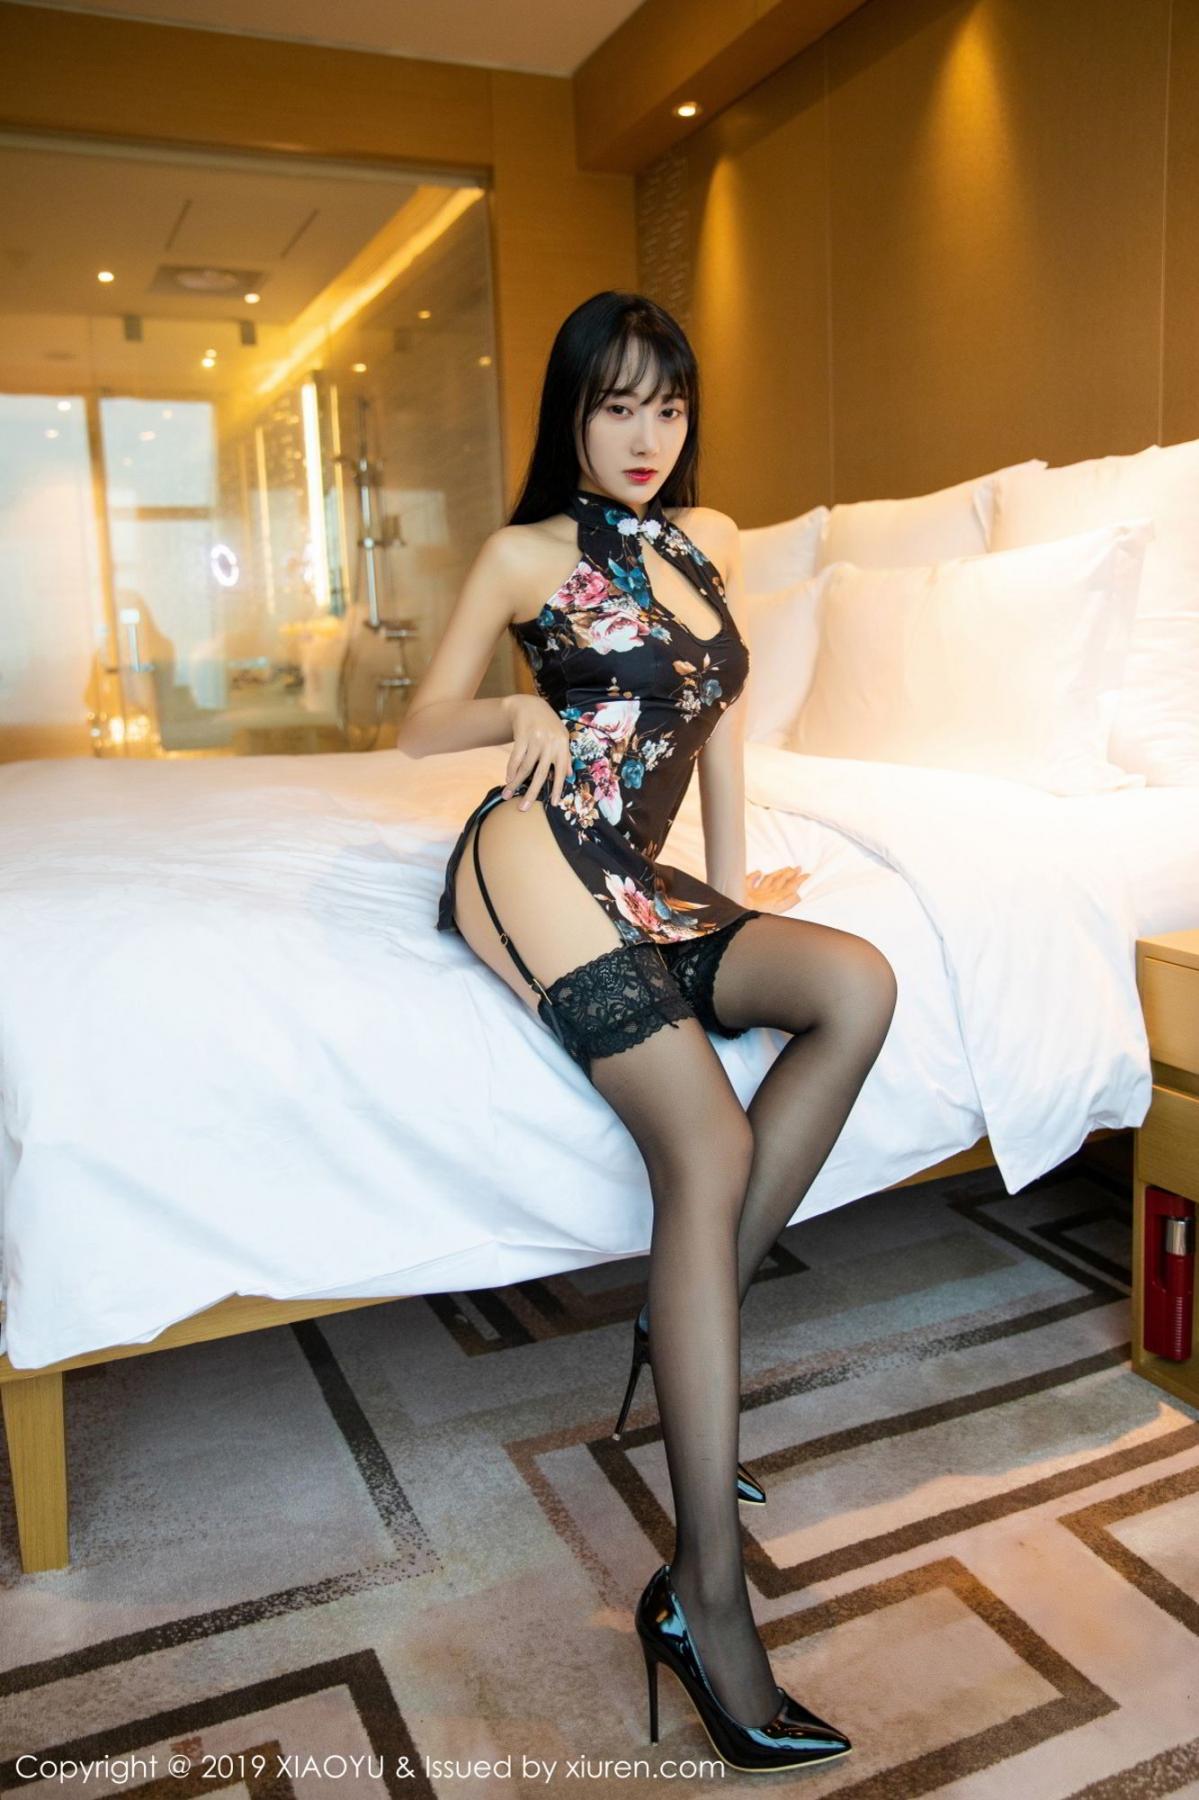 [XiaoYu] Vol.079 He Jia Ying 1P, Black Silk, Cheongsam, He Jia Ying, Tall, Temperament, XiaoYu